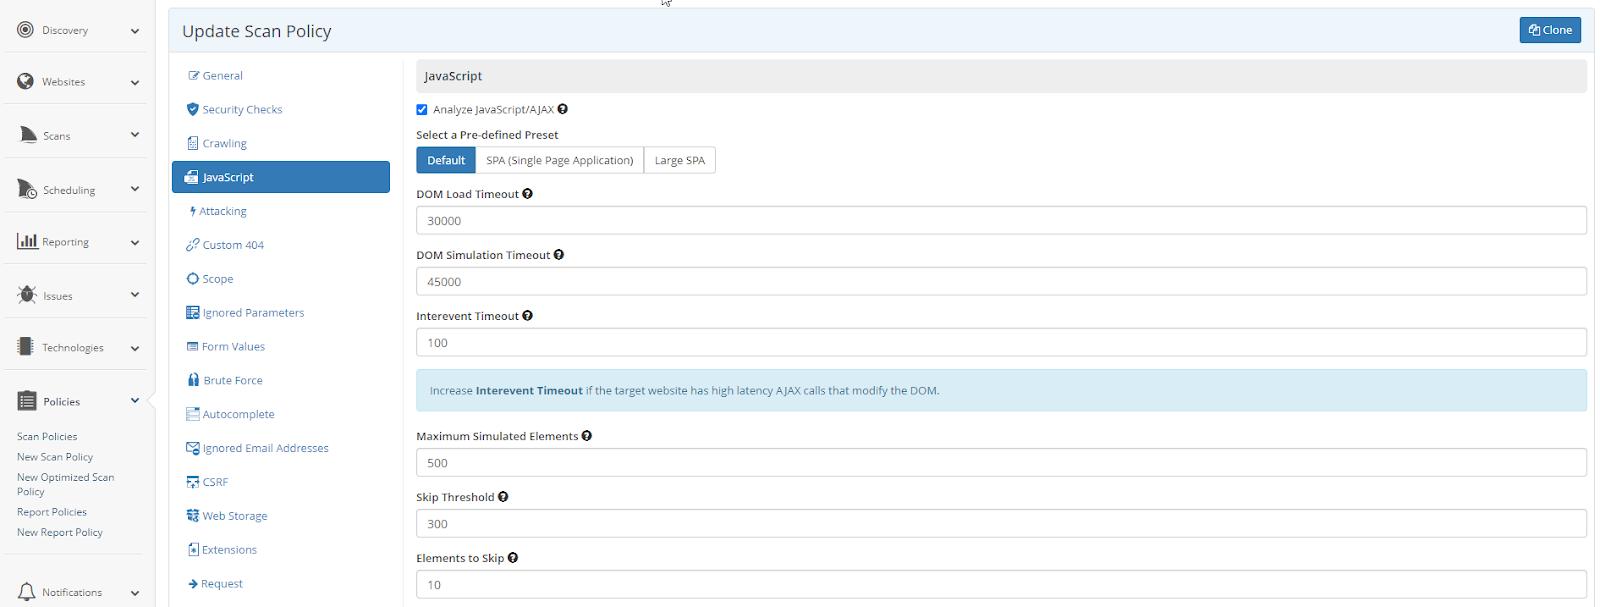 JavaScript Settings in Netsparker Enterprise